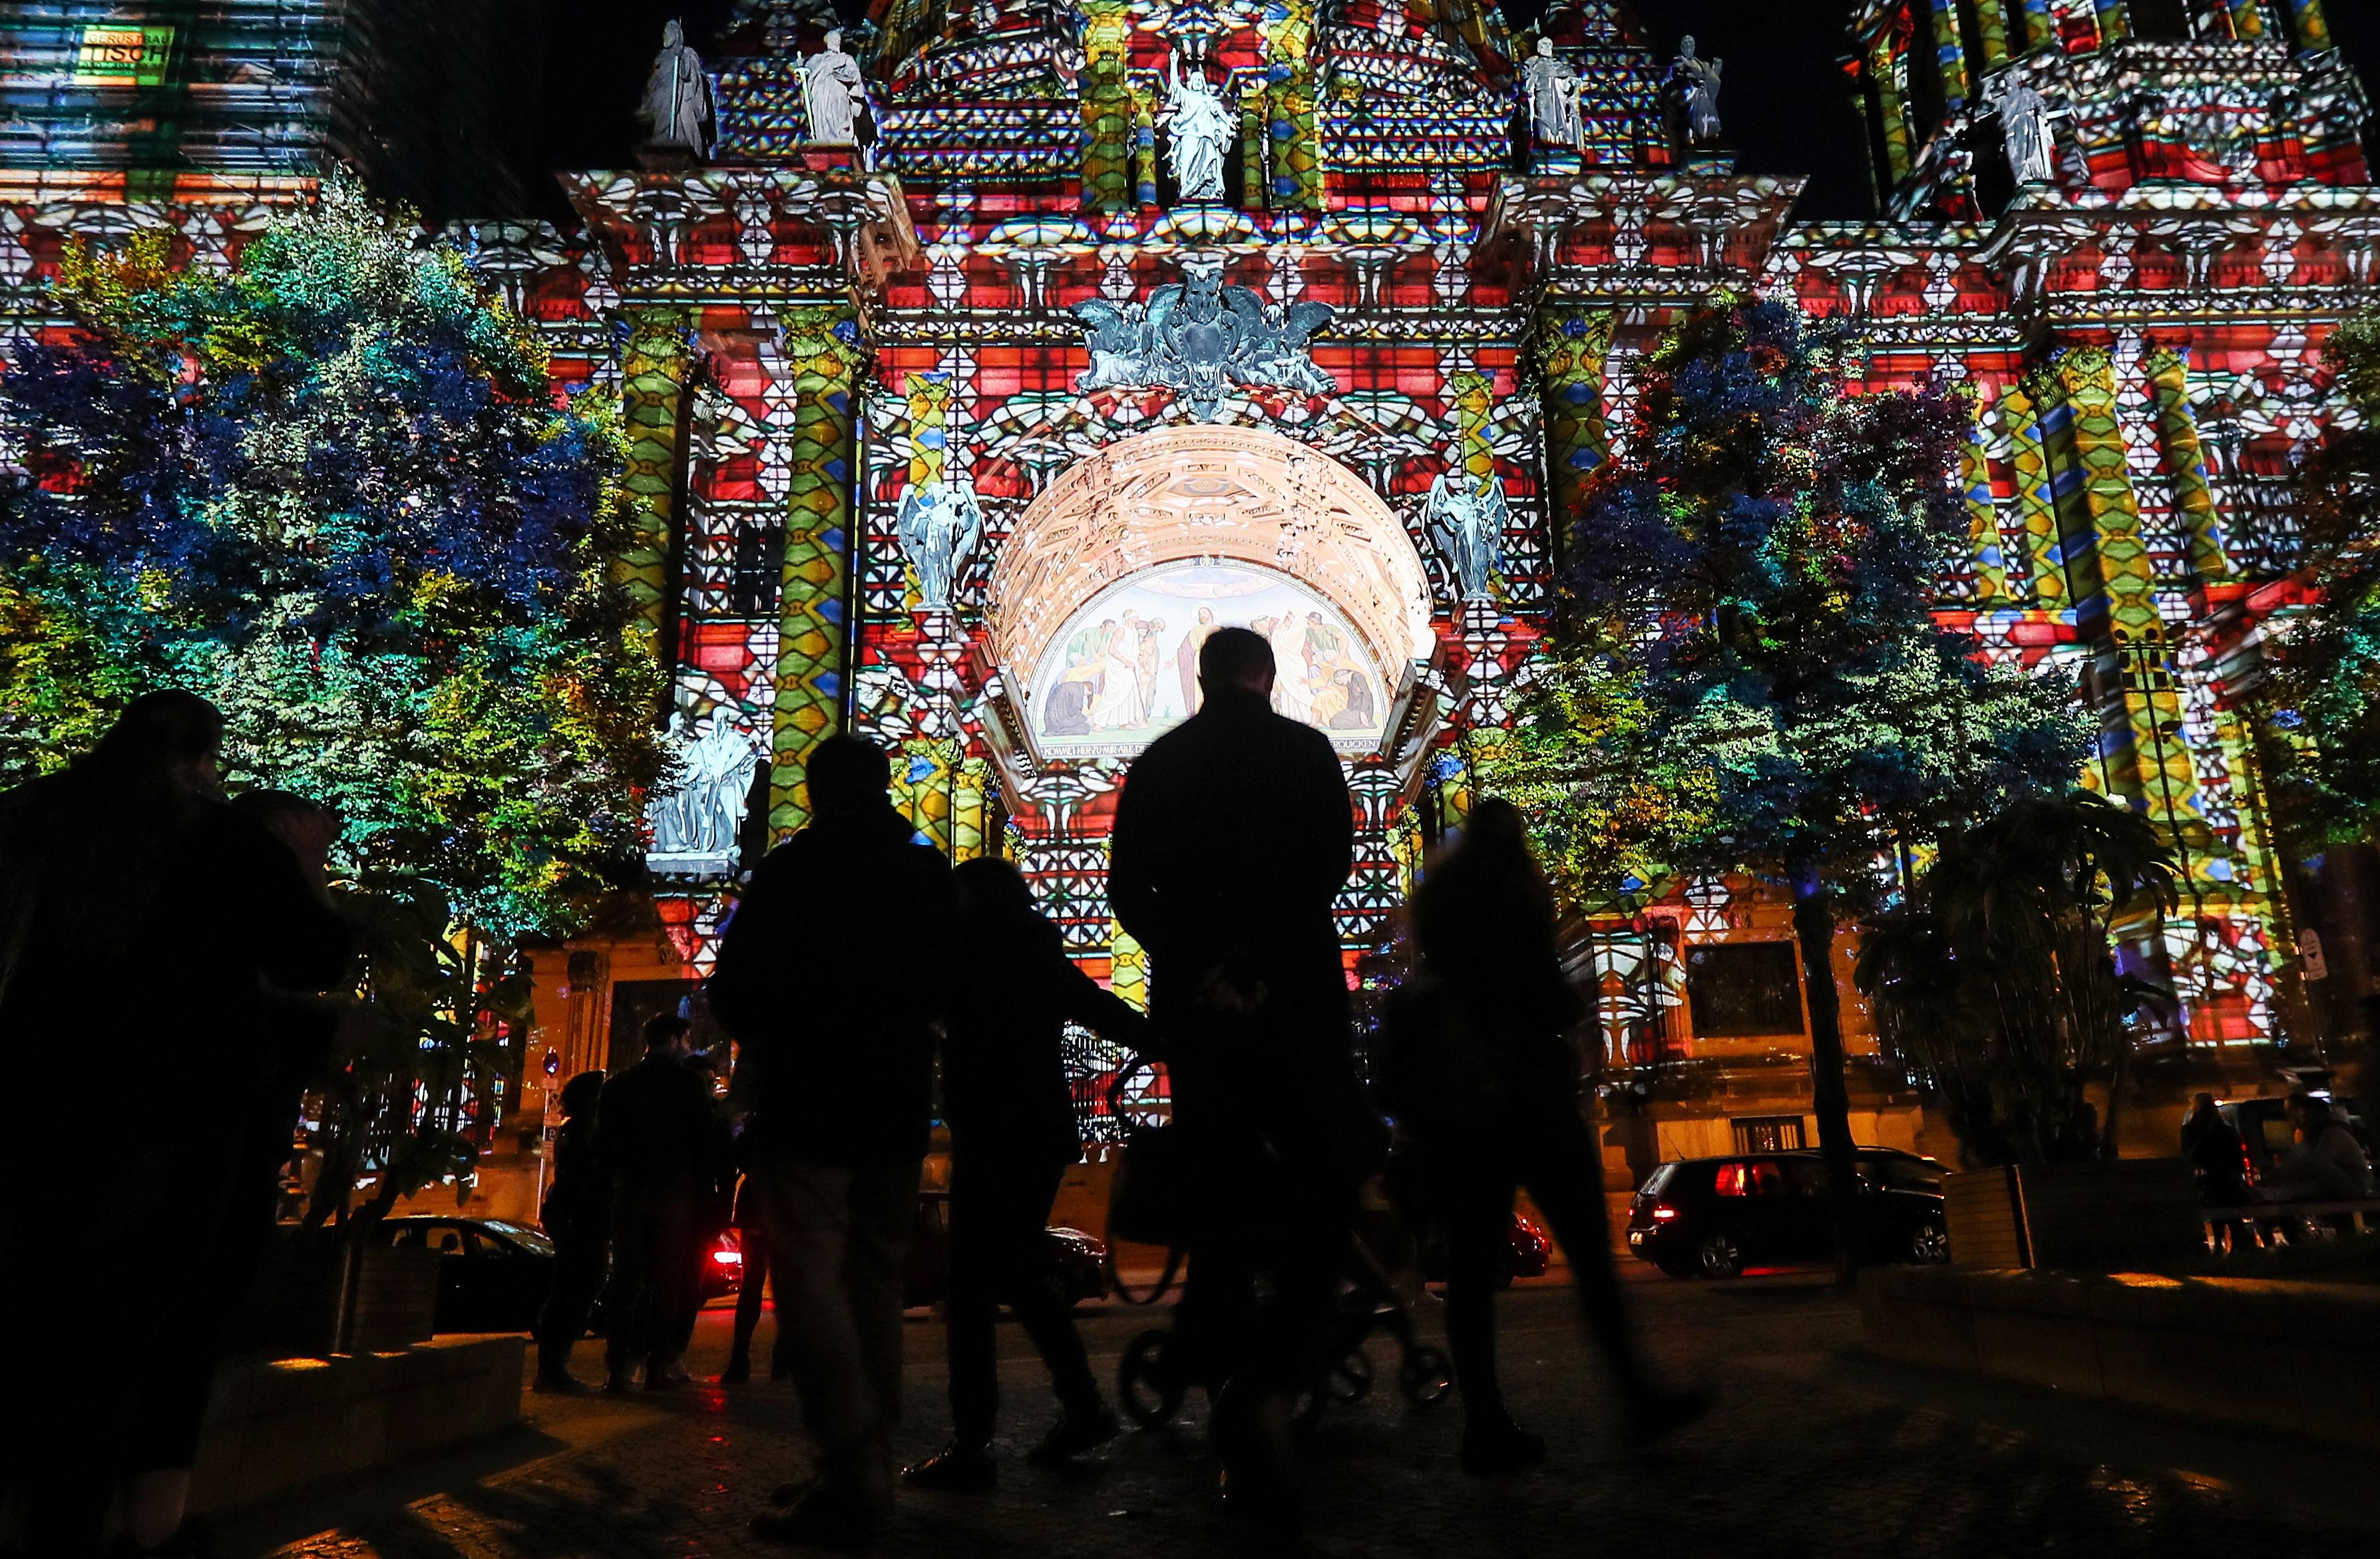 """Фестивалът на светлината """"Berlin leuchtet"""", в Берлин, Германия. Исторически сгради, търговски центрове, забележителности и мостове са осветени със светлинни инсталации, лазерни и 3D прожекции по време на събитието. Фестивалът се провежда от 28 септември до 13 октомври 2018 г."""